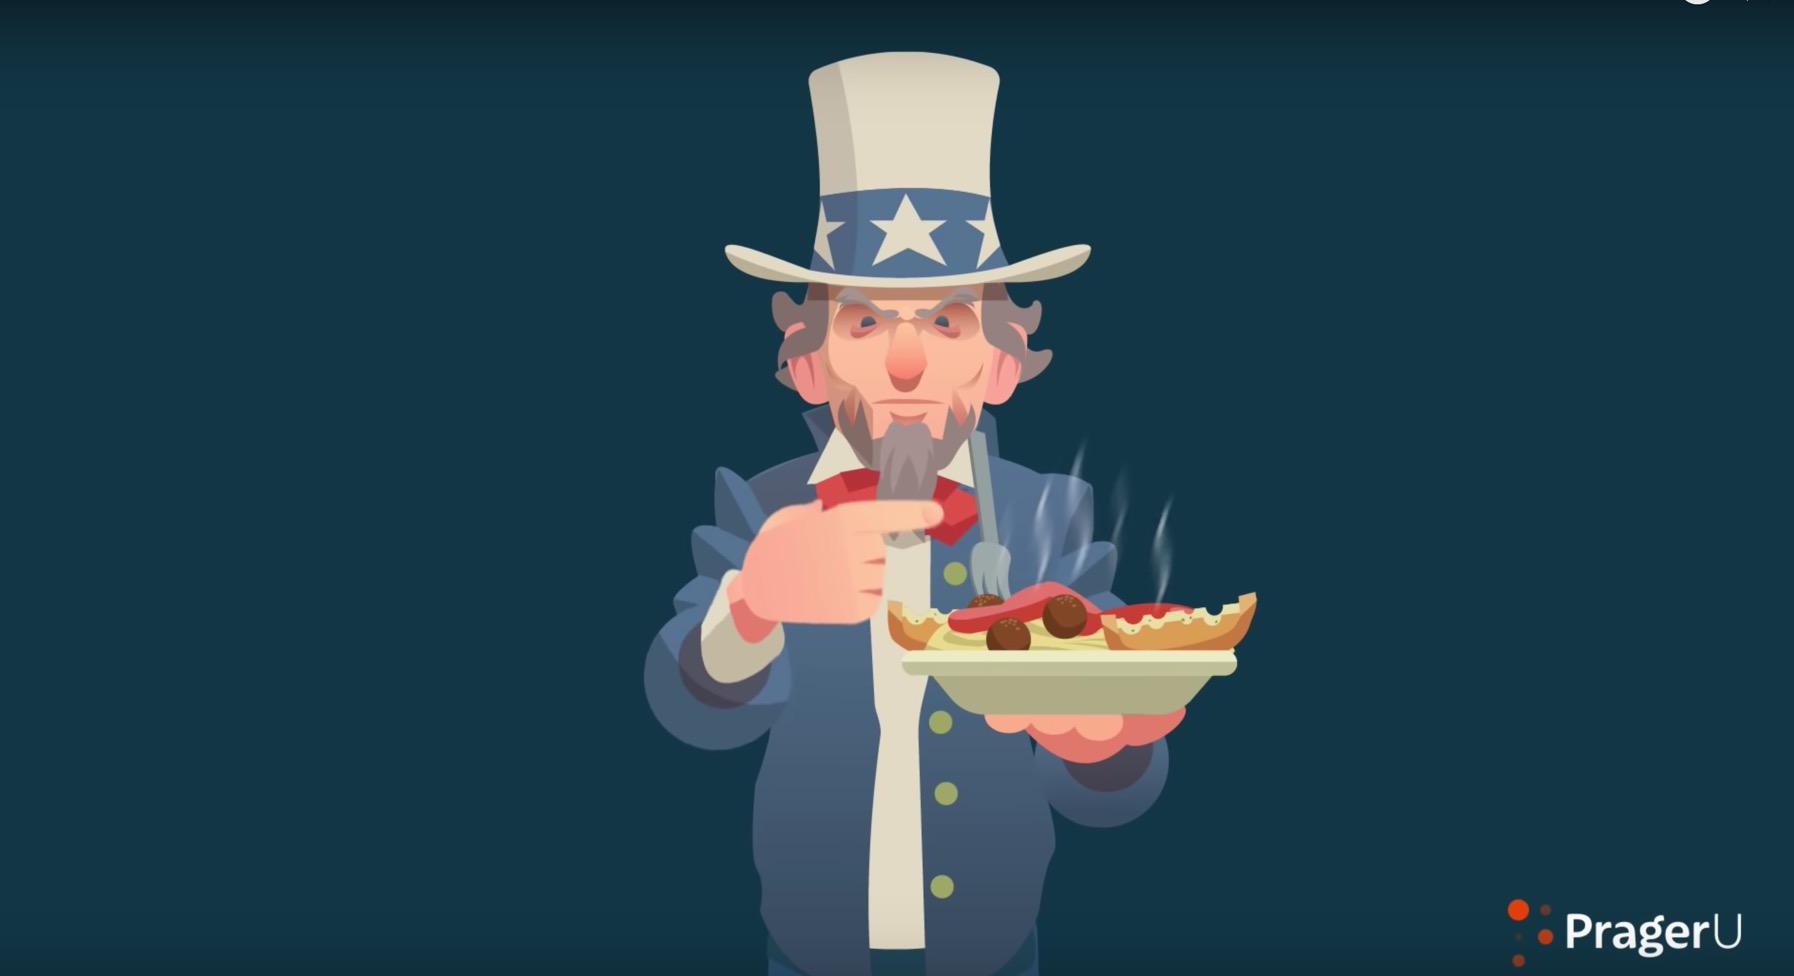 Πώς η [Αμερικάνικη] Κυβέρνηση μας έκανε Παχύσαρκους